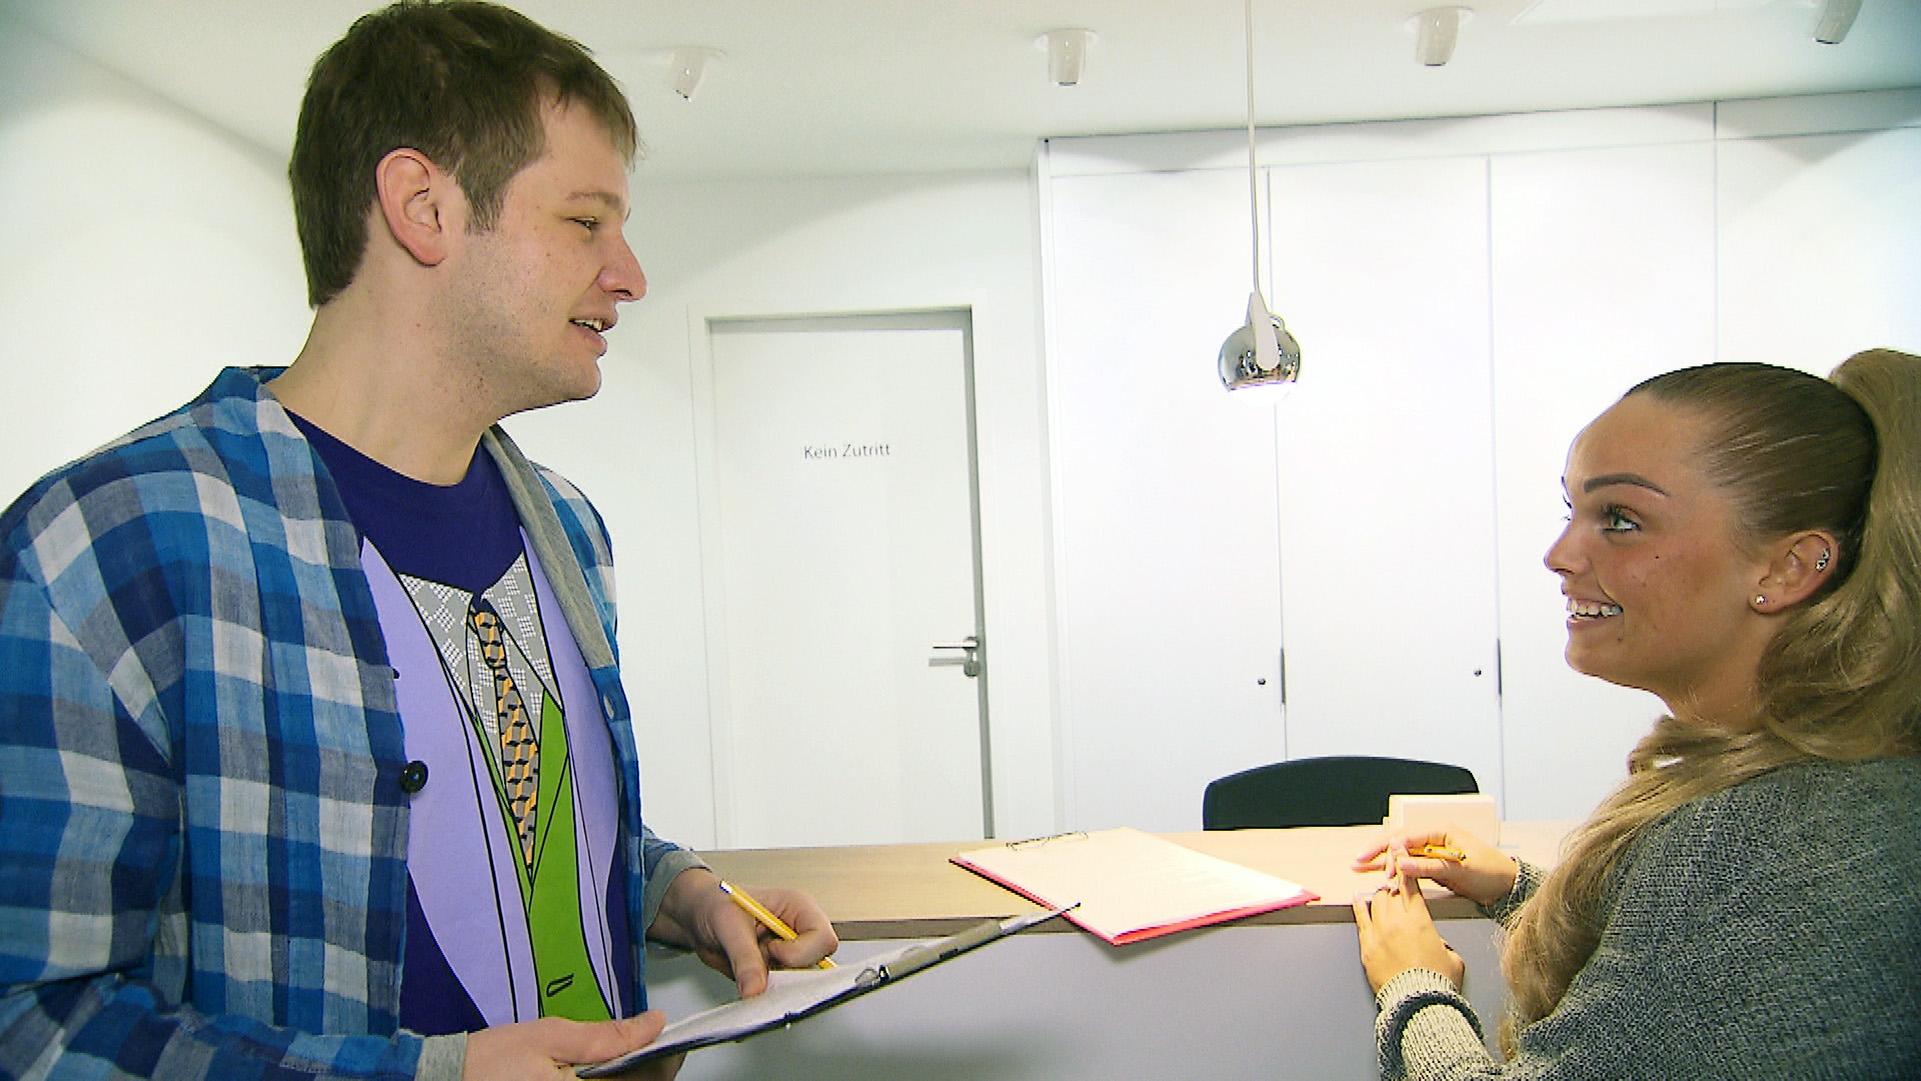 Ole schafft es tatsächlich, ein Date mit Natalie zu ergattern... (Quelle: RTL 2)